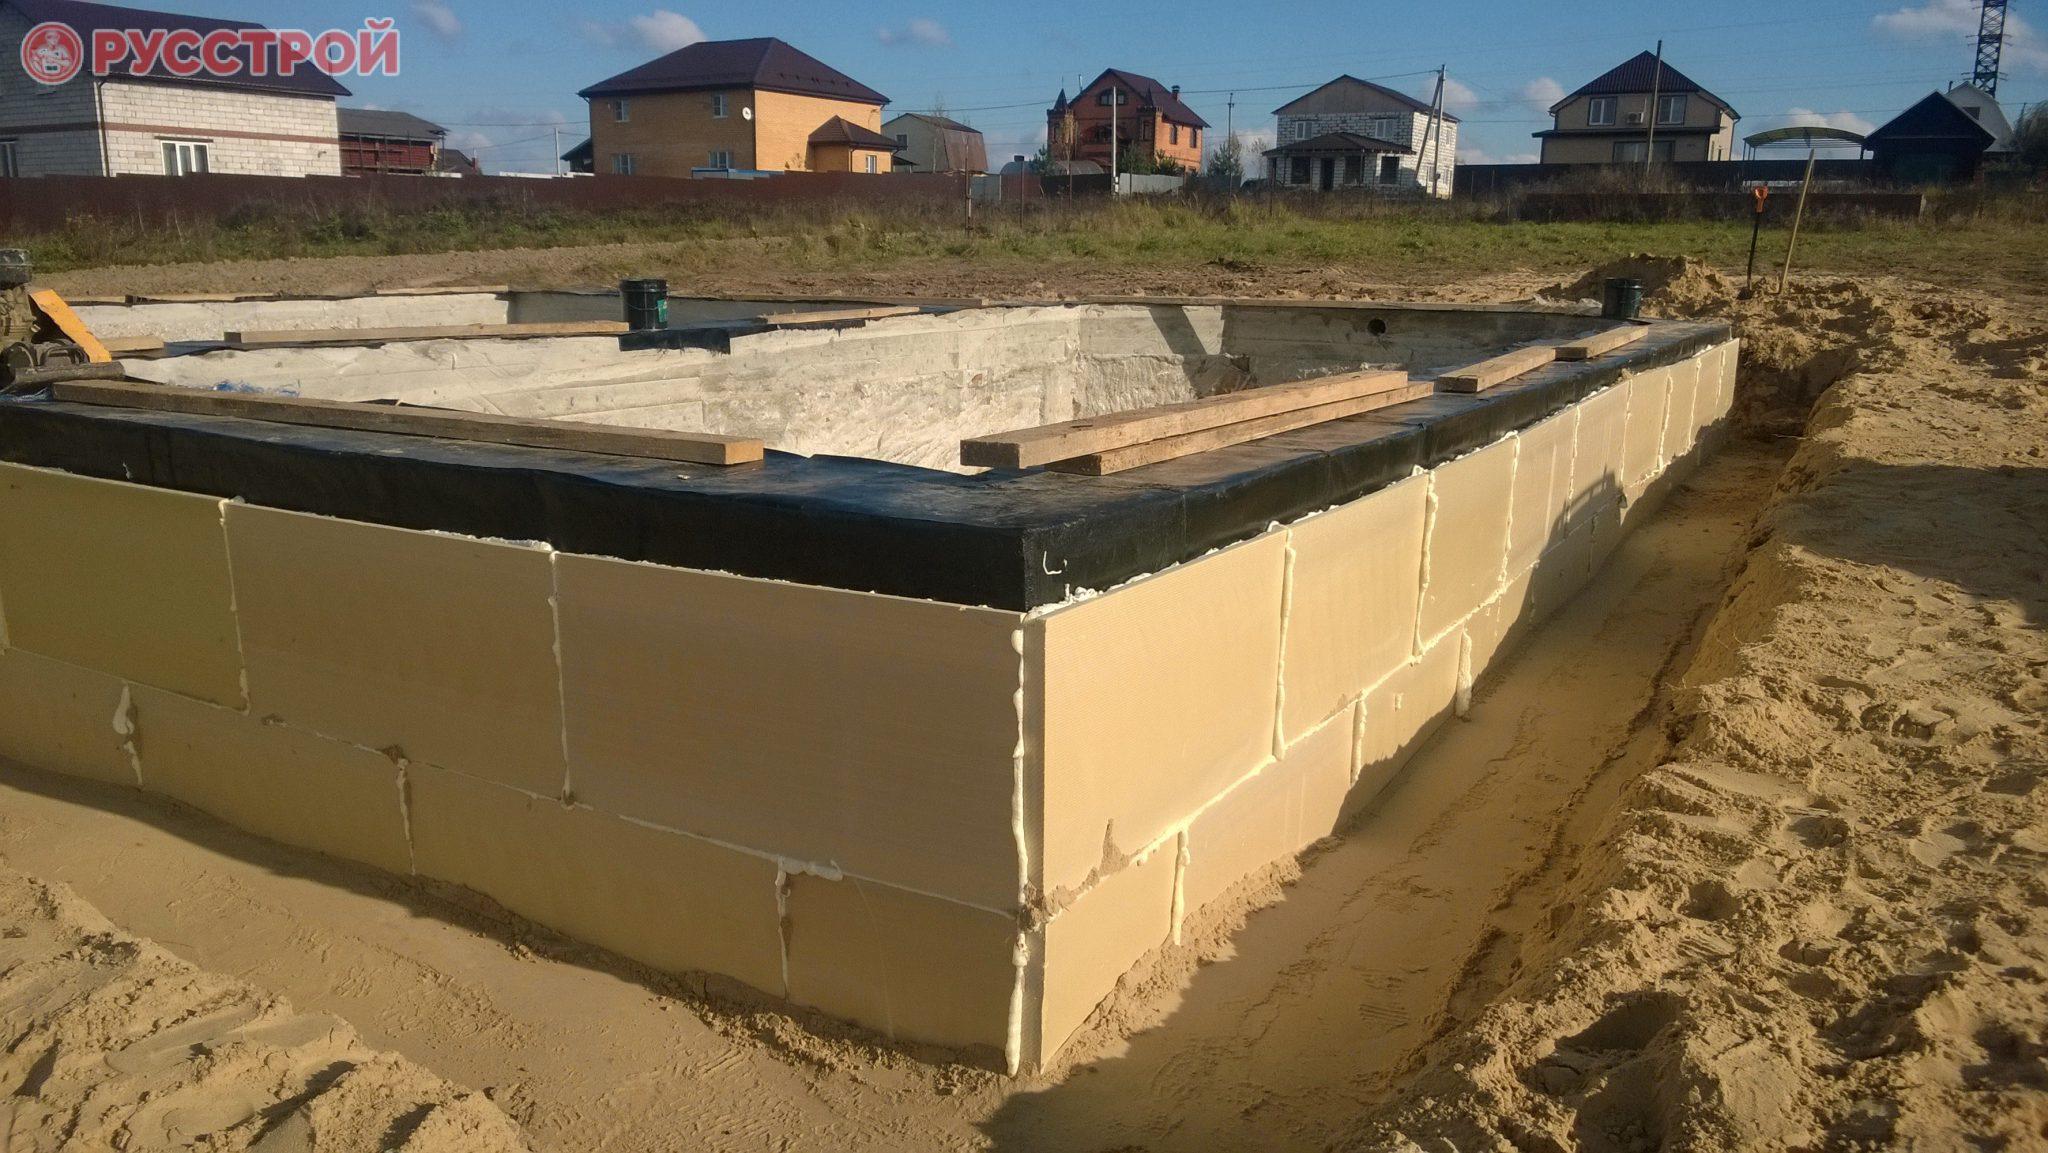 Полная гидроизоляция фундамента дома. Строительная компания Русстрой г. Калуга